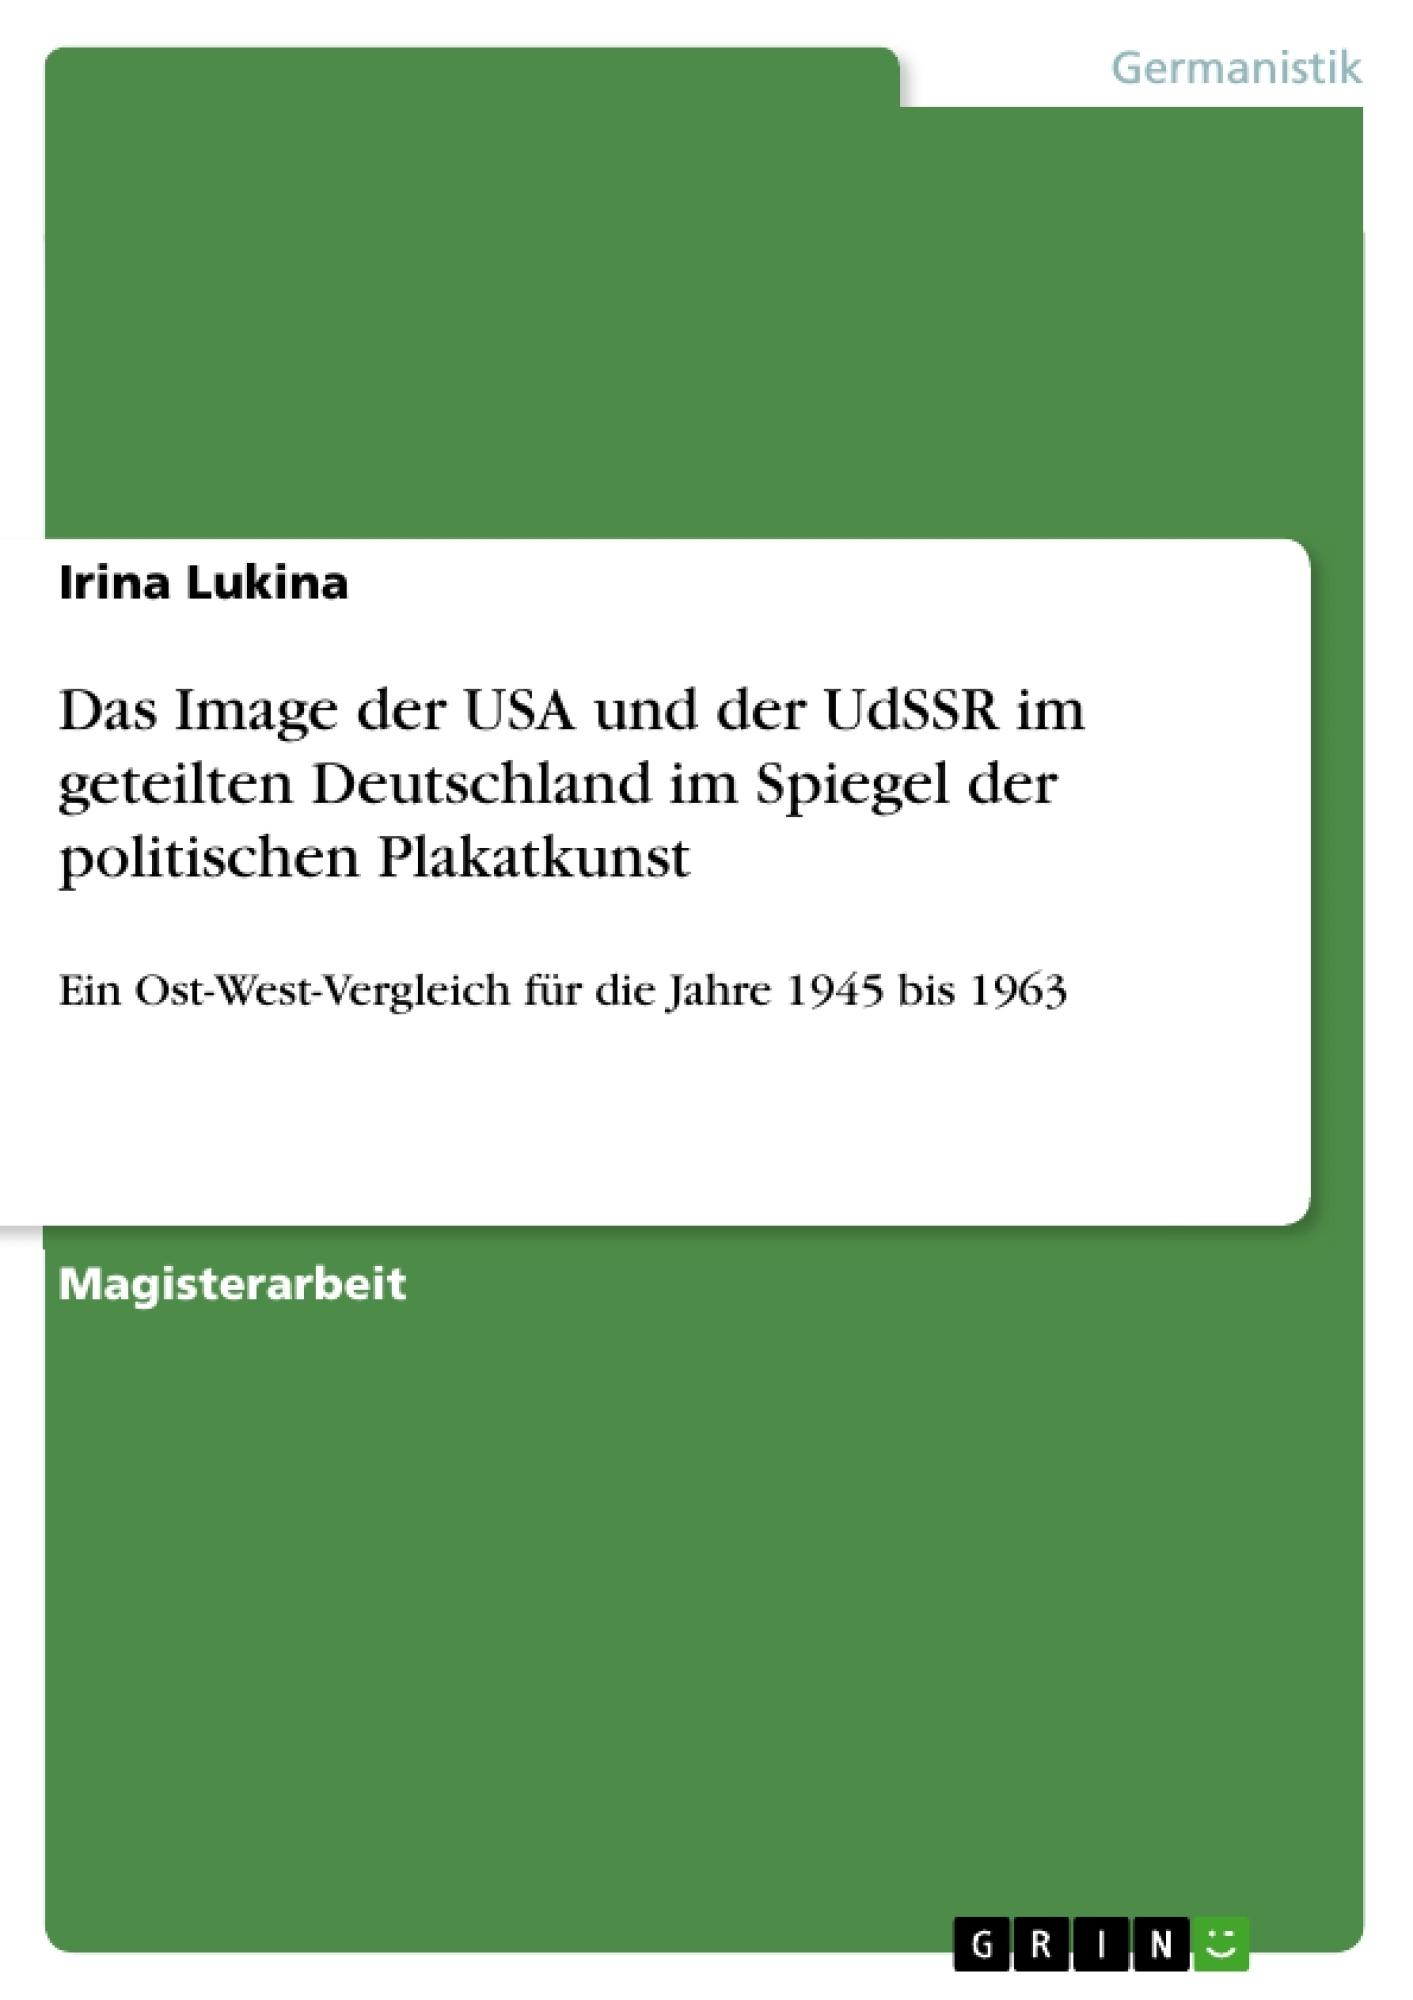 Titel: Das Image der USA und der UdSSR im geteilten Deutschland im Spiegel der politischen Plakatkunst